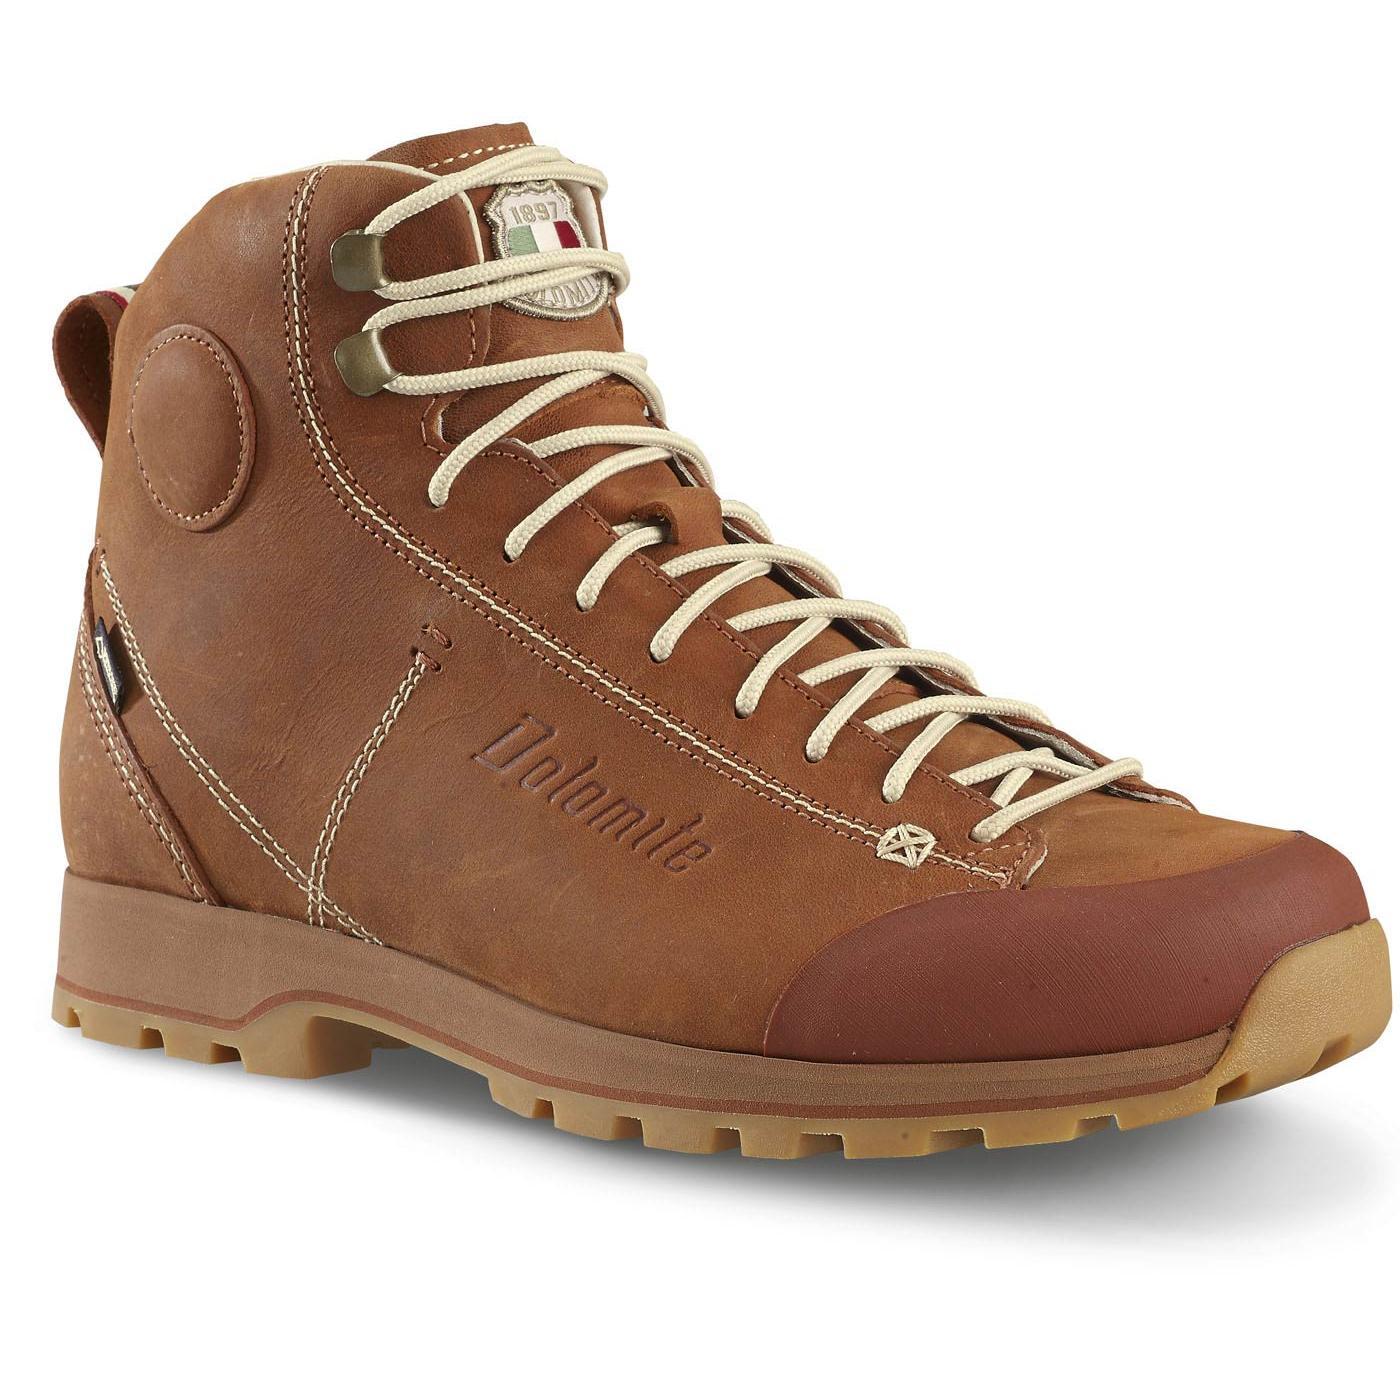 Купить Ботинки городские (высокие) Dolomite 2017-18 Cinquantaquattro High Fg Gtx Chocolate Brown Обувь для города 1356601